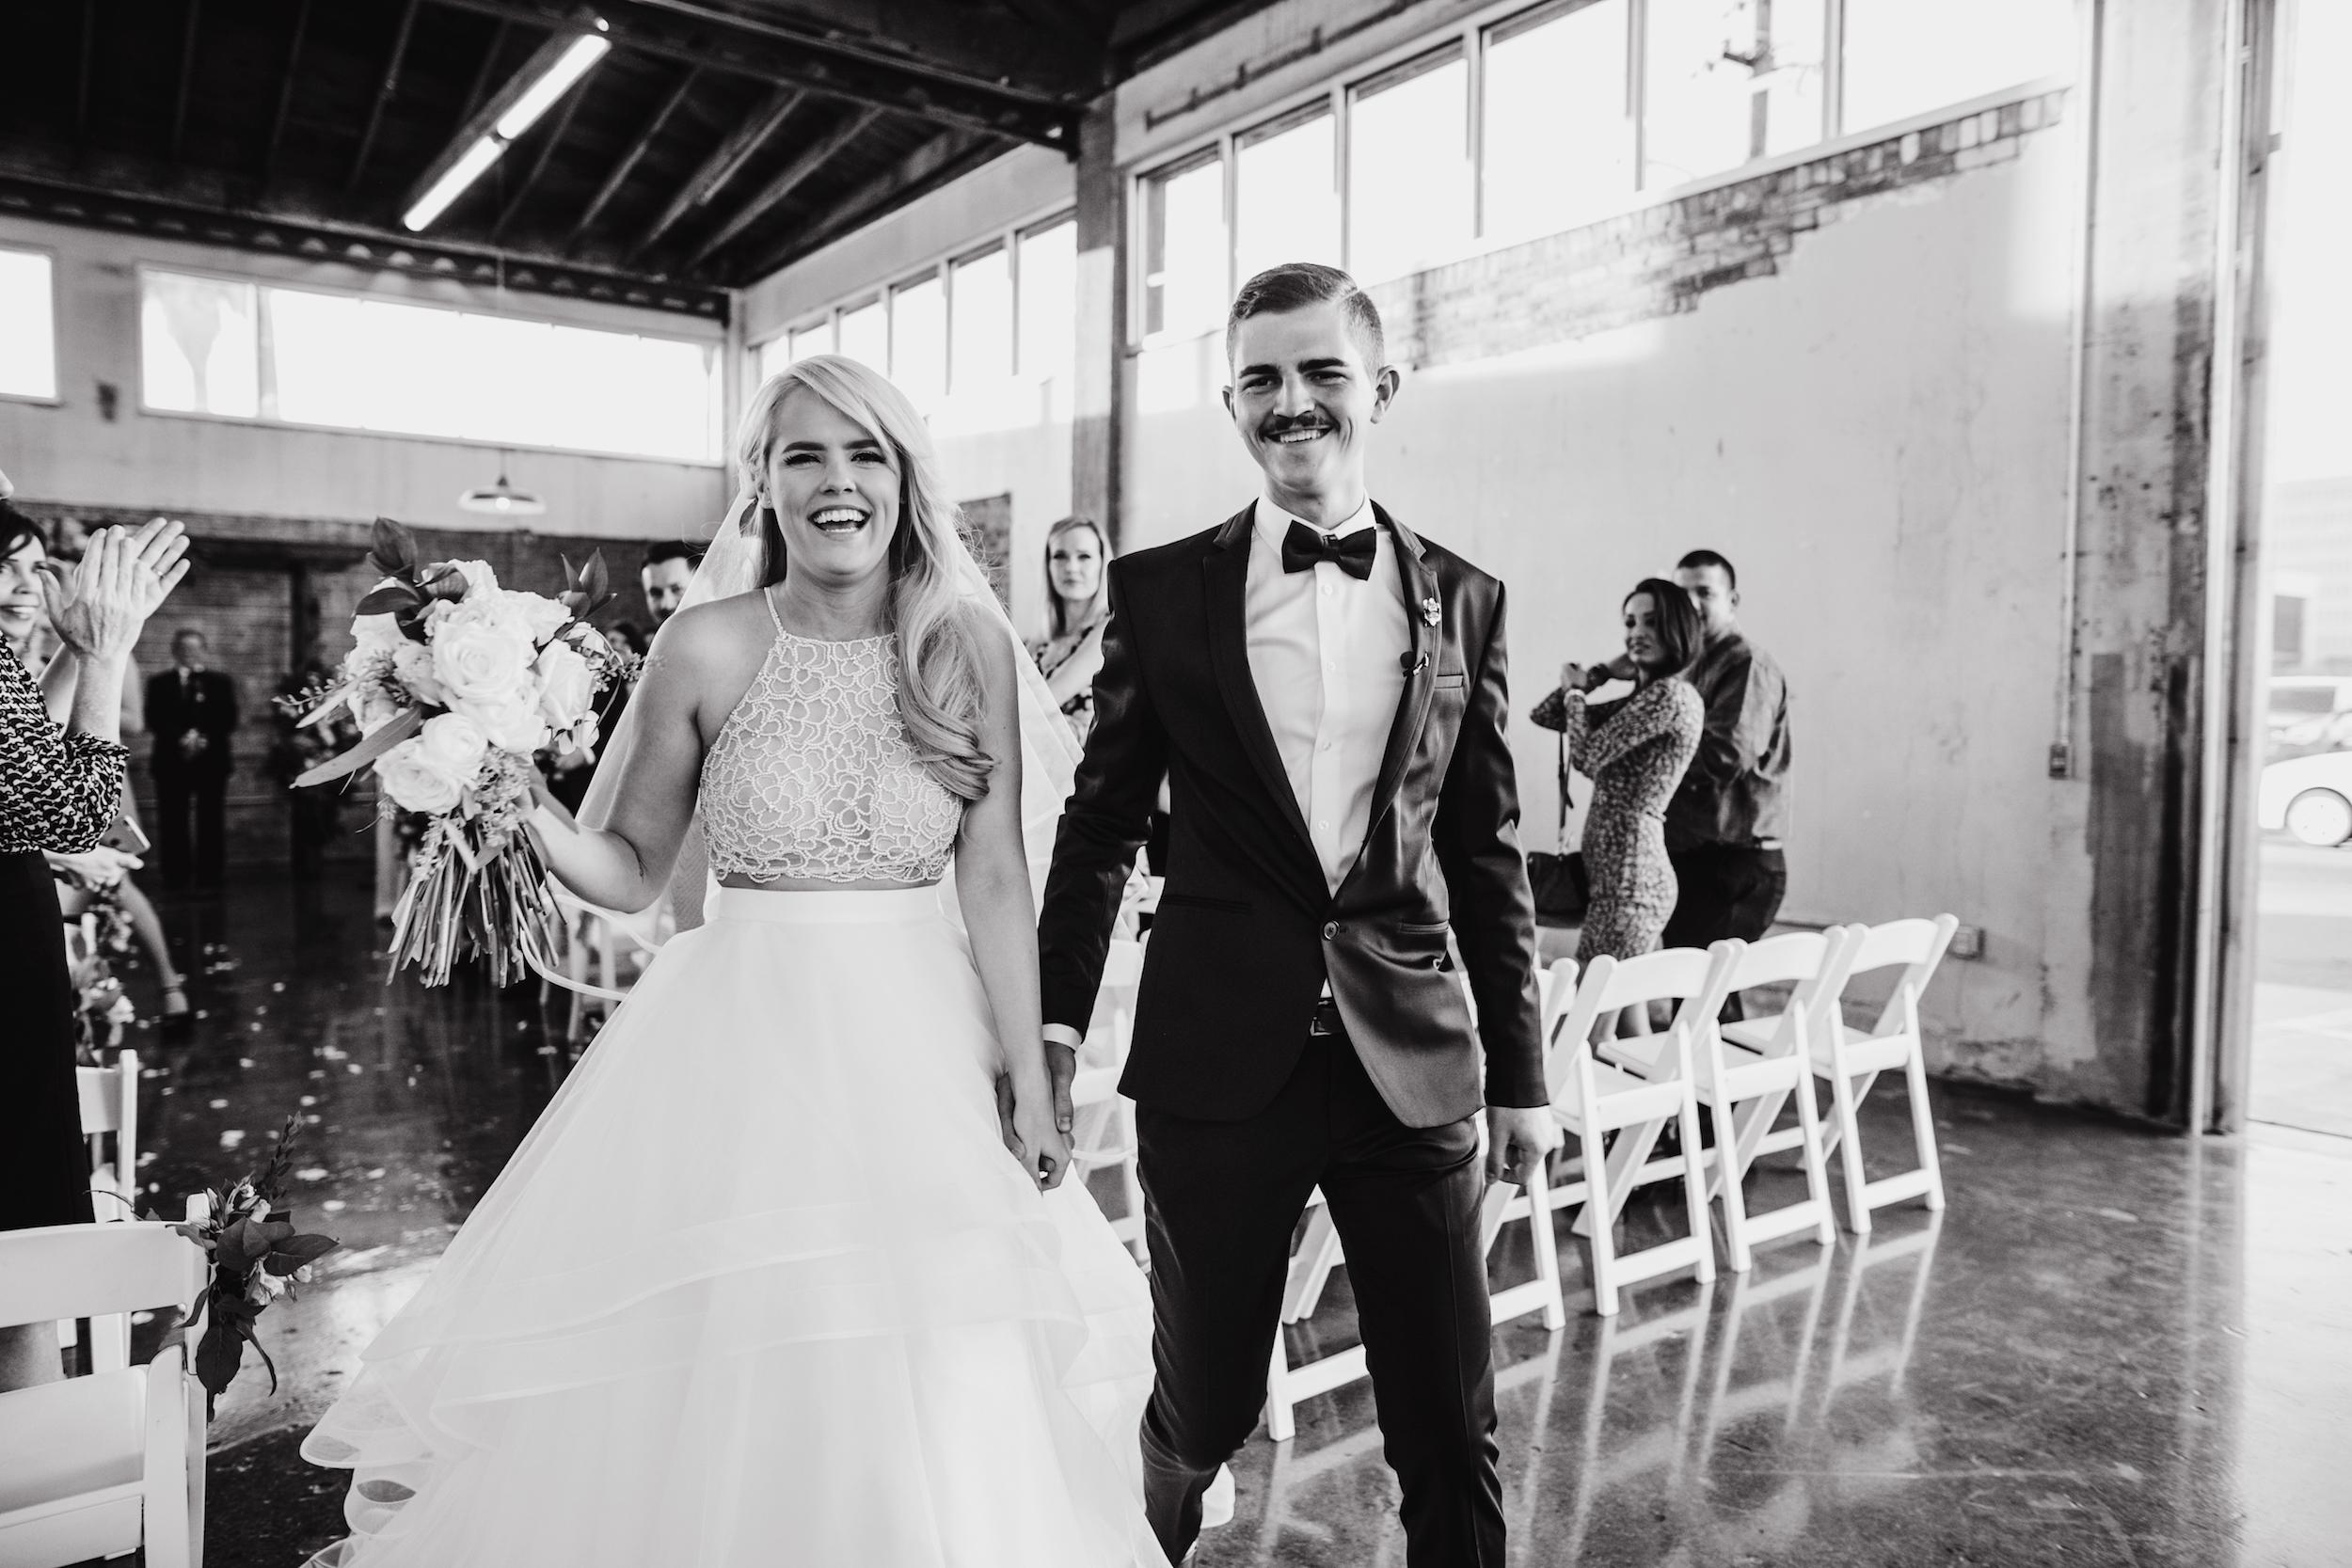 arizona - wedding - photography 01614.jpg